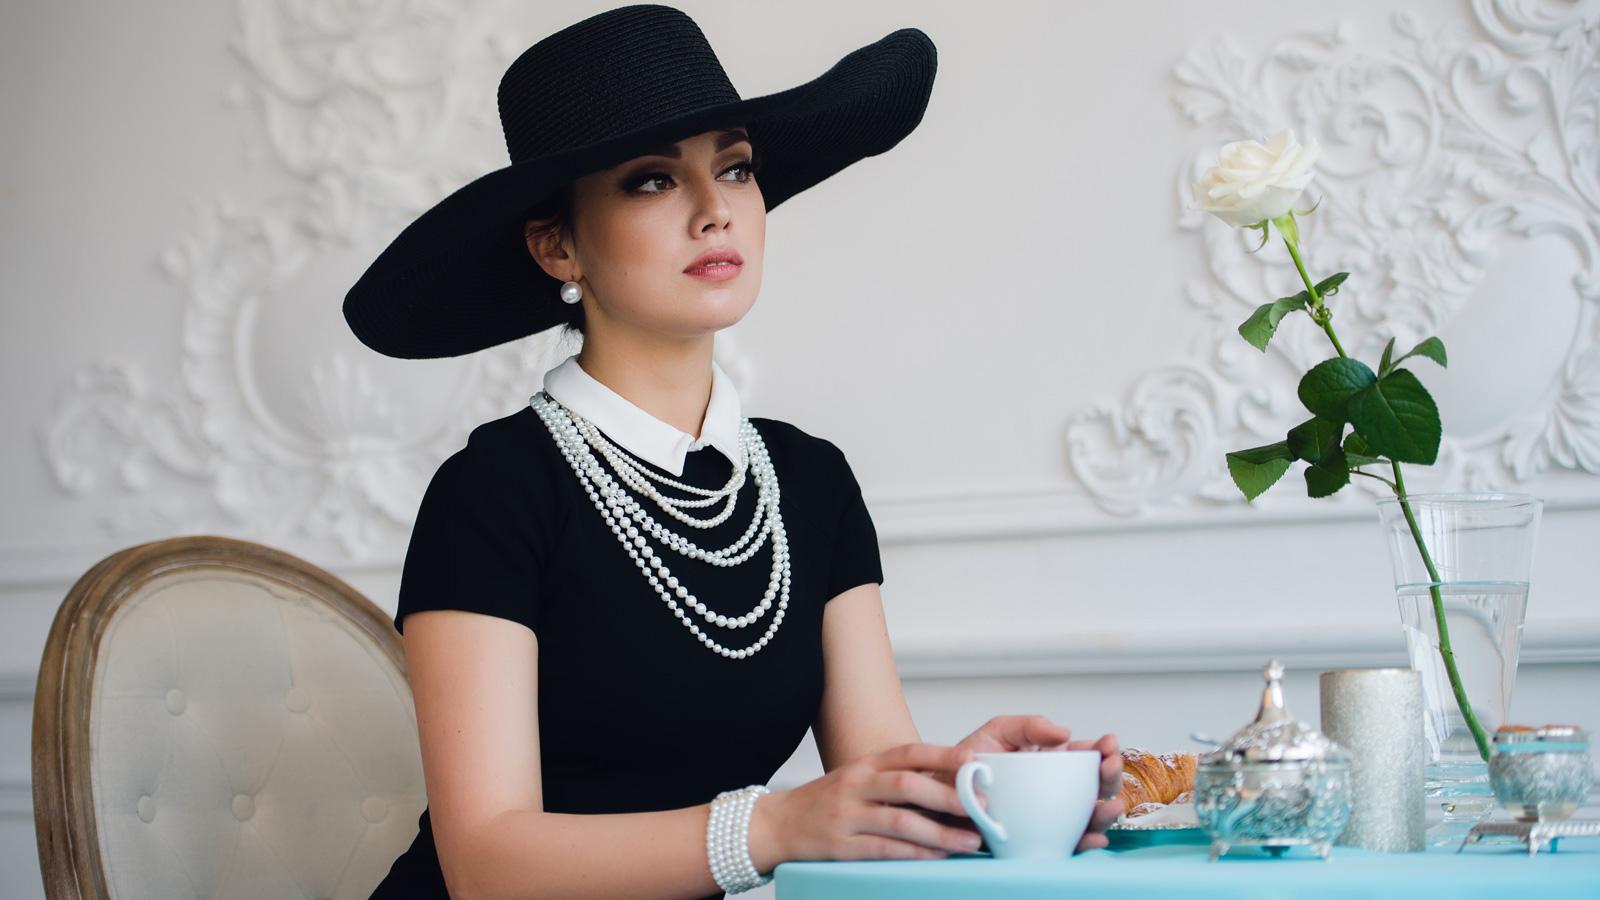 Jak uchronić się przed nielojalnością ambasadora marki? porady mediarun kobieta celebrytka sniadanie 2019